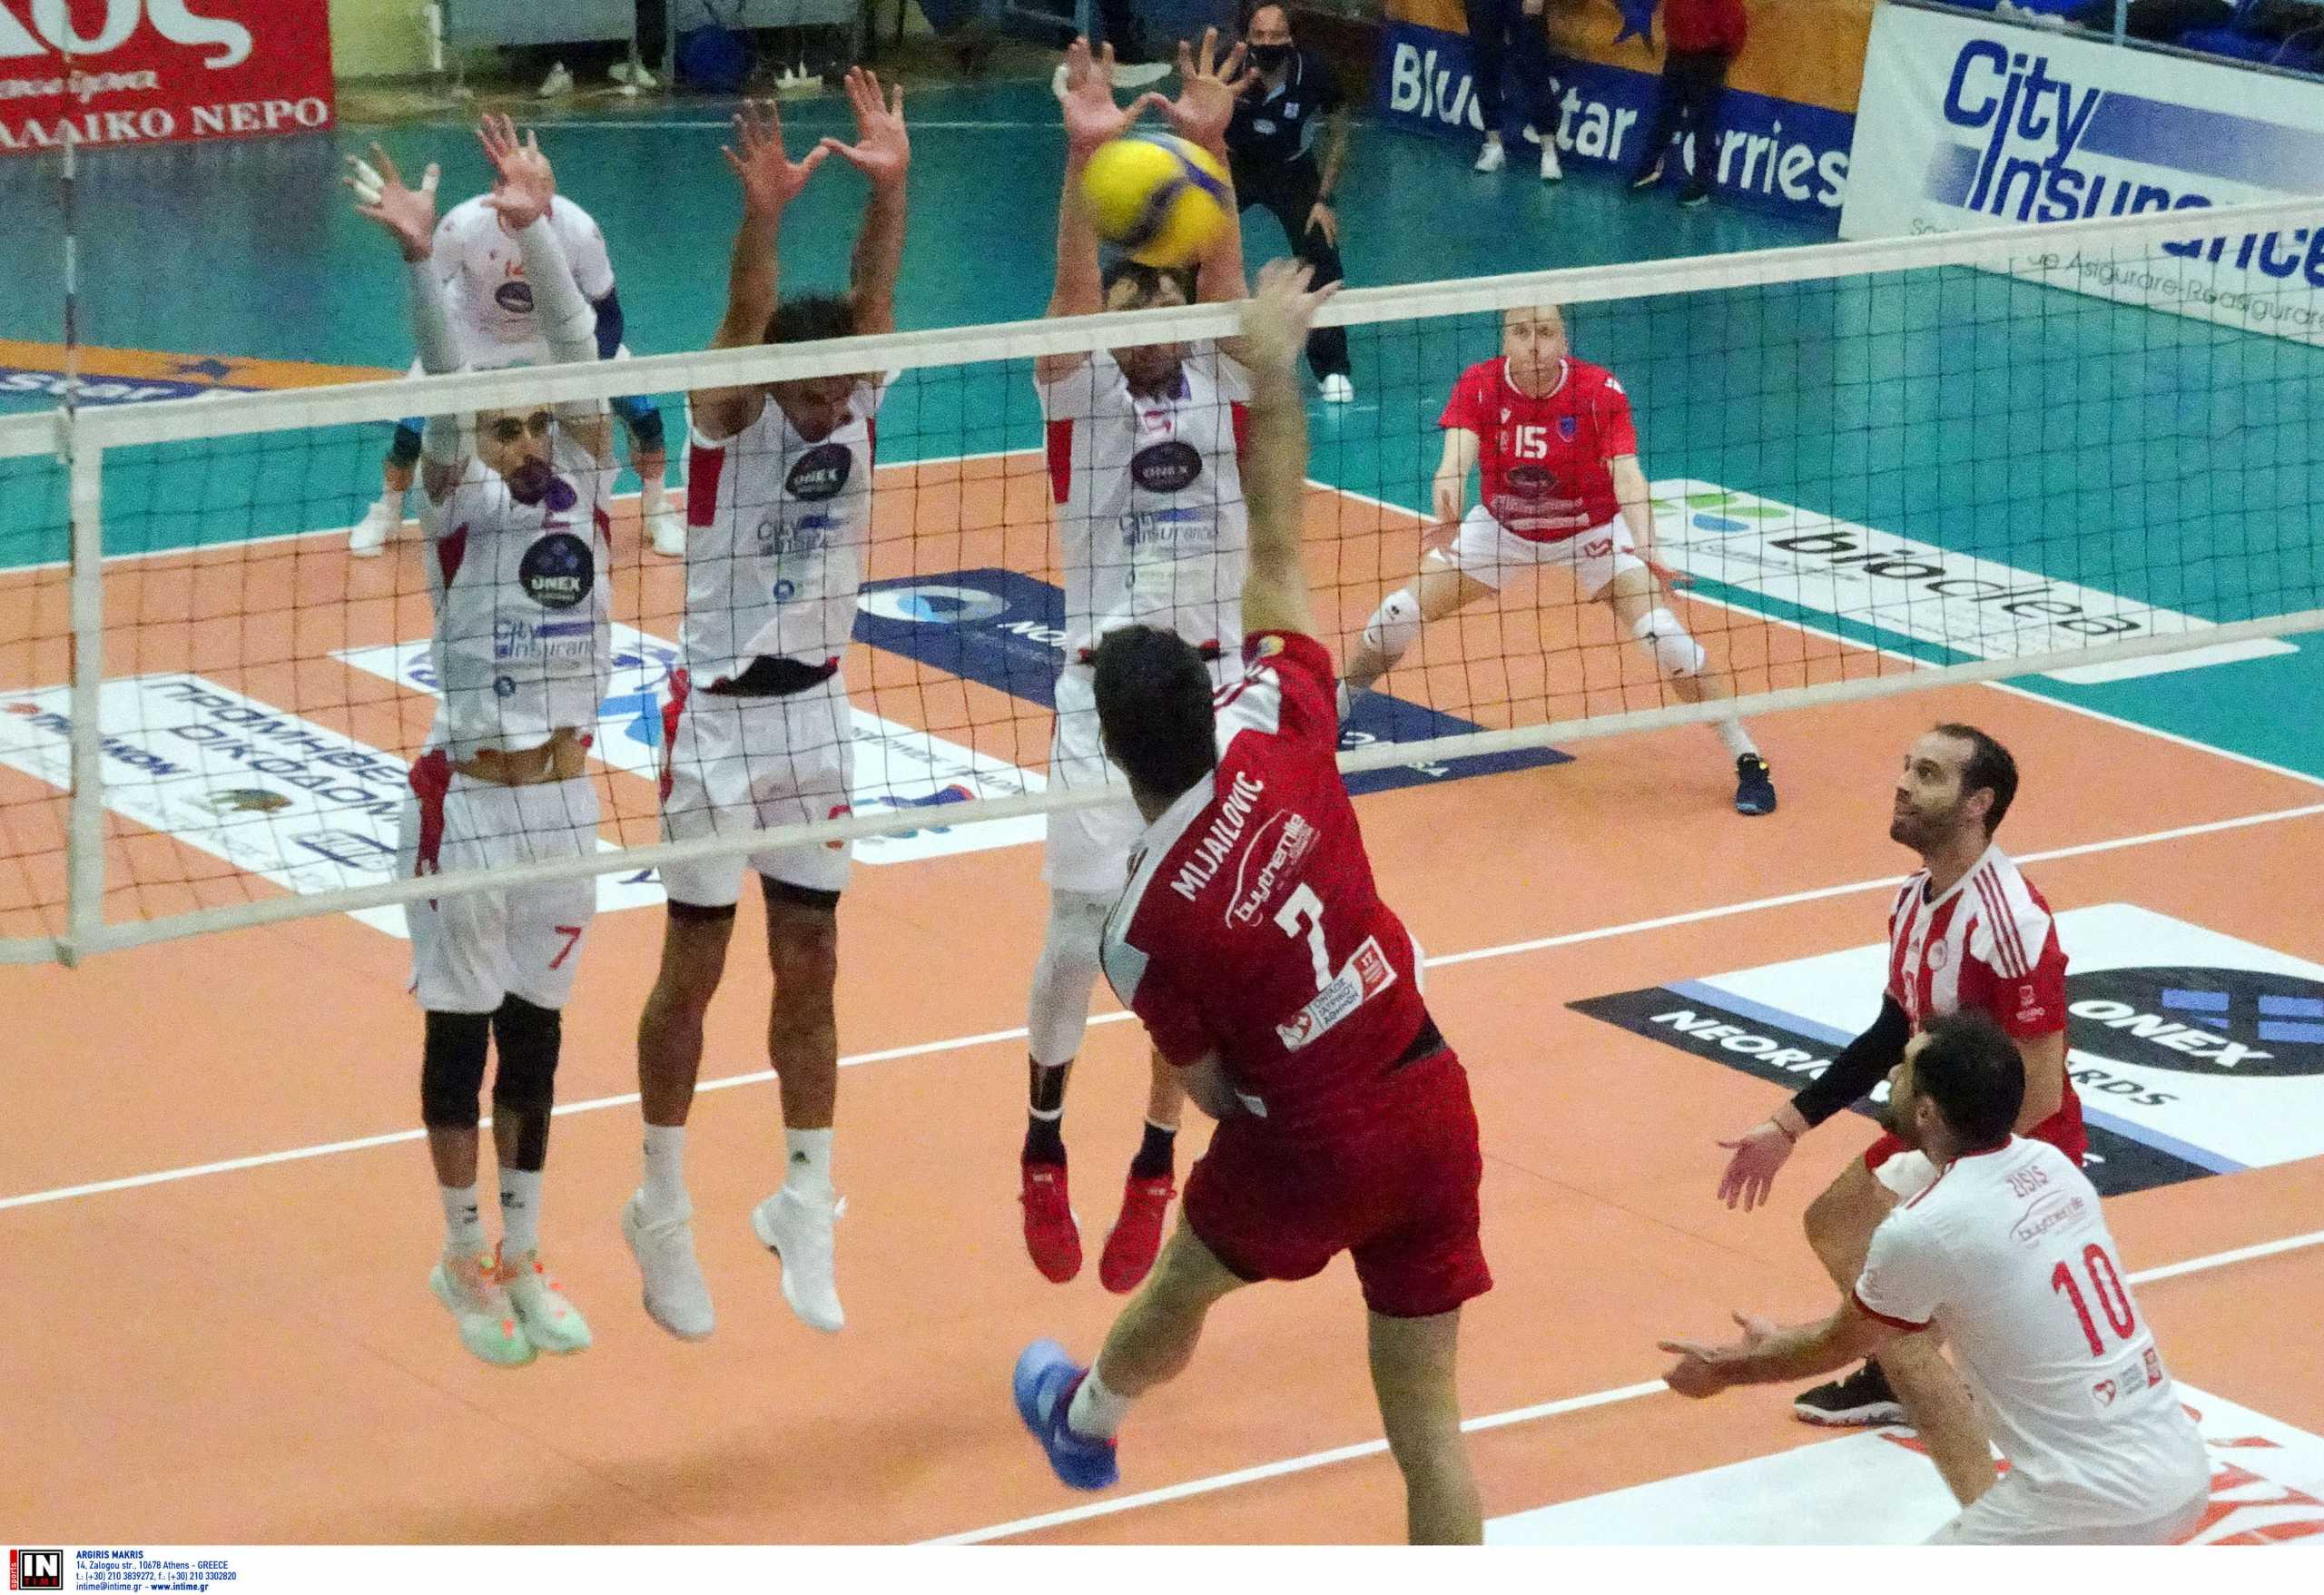 Volley League: Απότομη «προσγείωση» για τον Ολυμπιακό από τον Φοίνικα στη Σύρο (video)